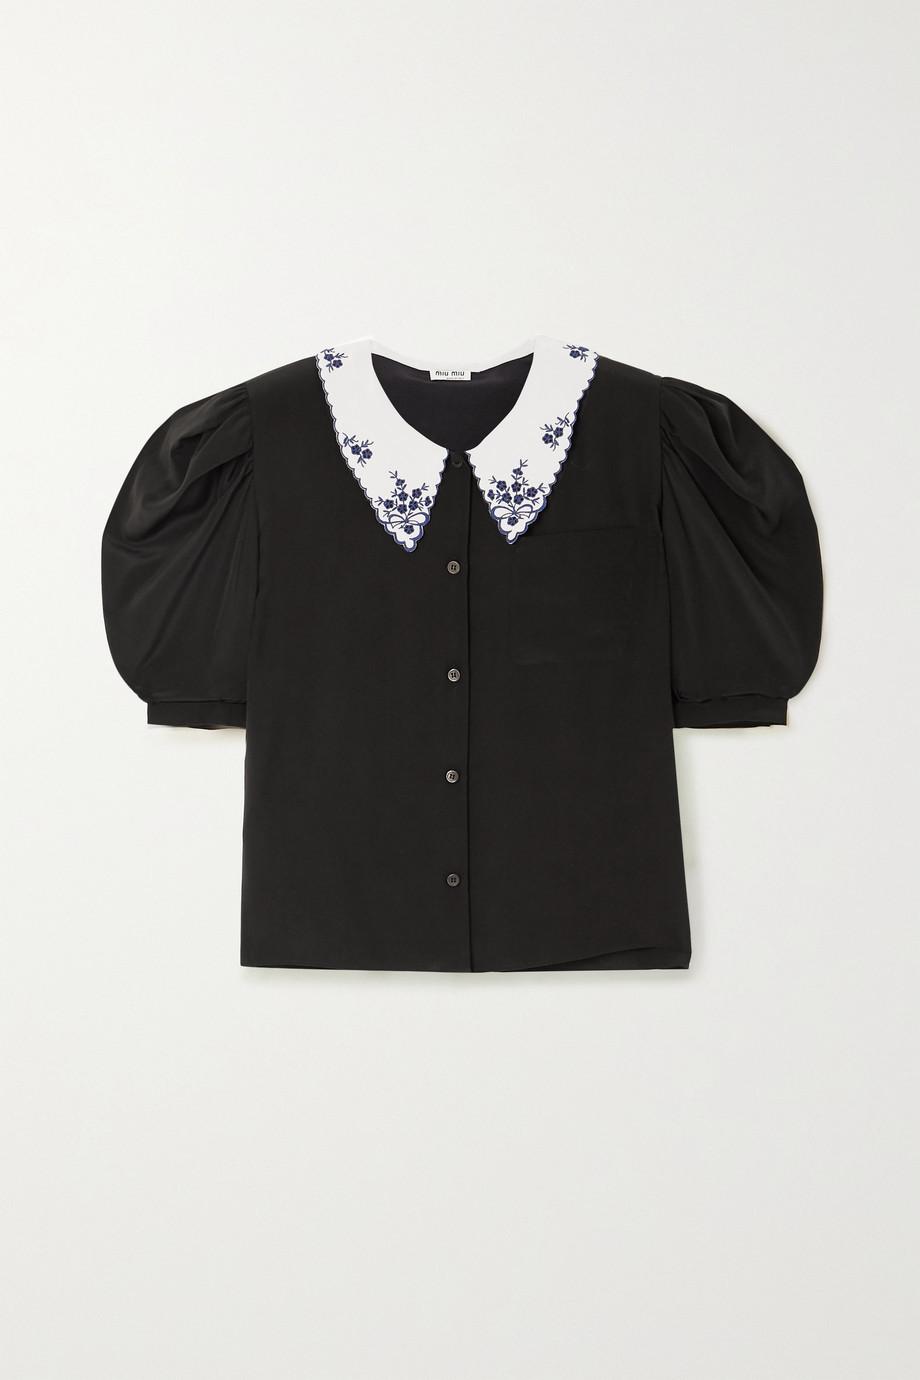 Blusa de Miu Miu (890 euros).